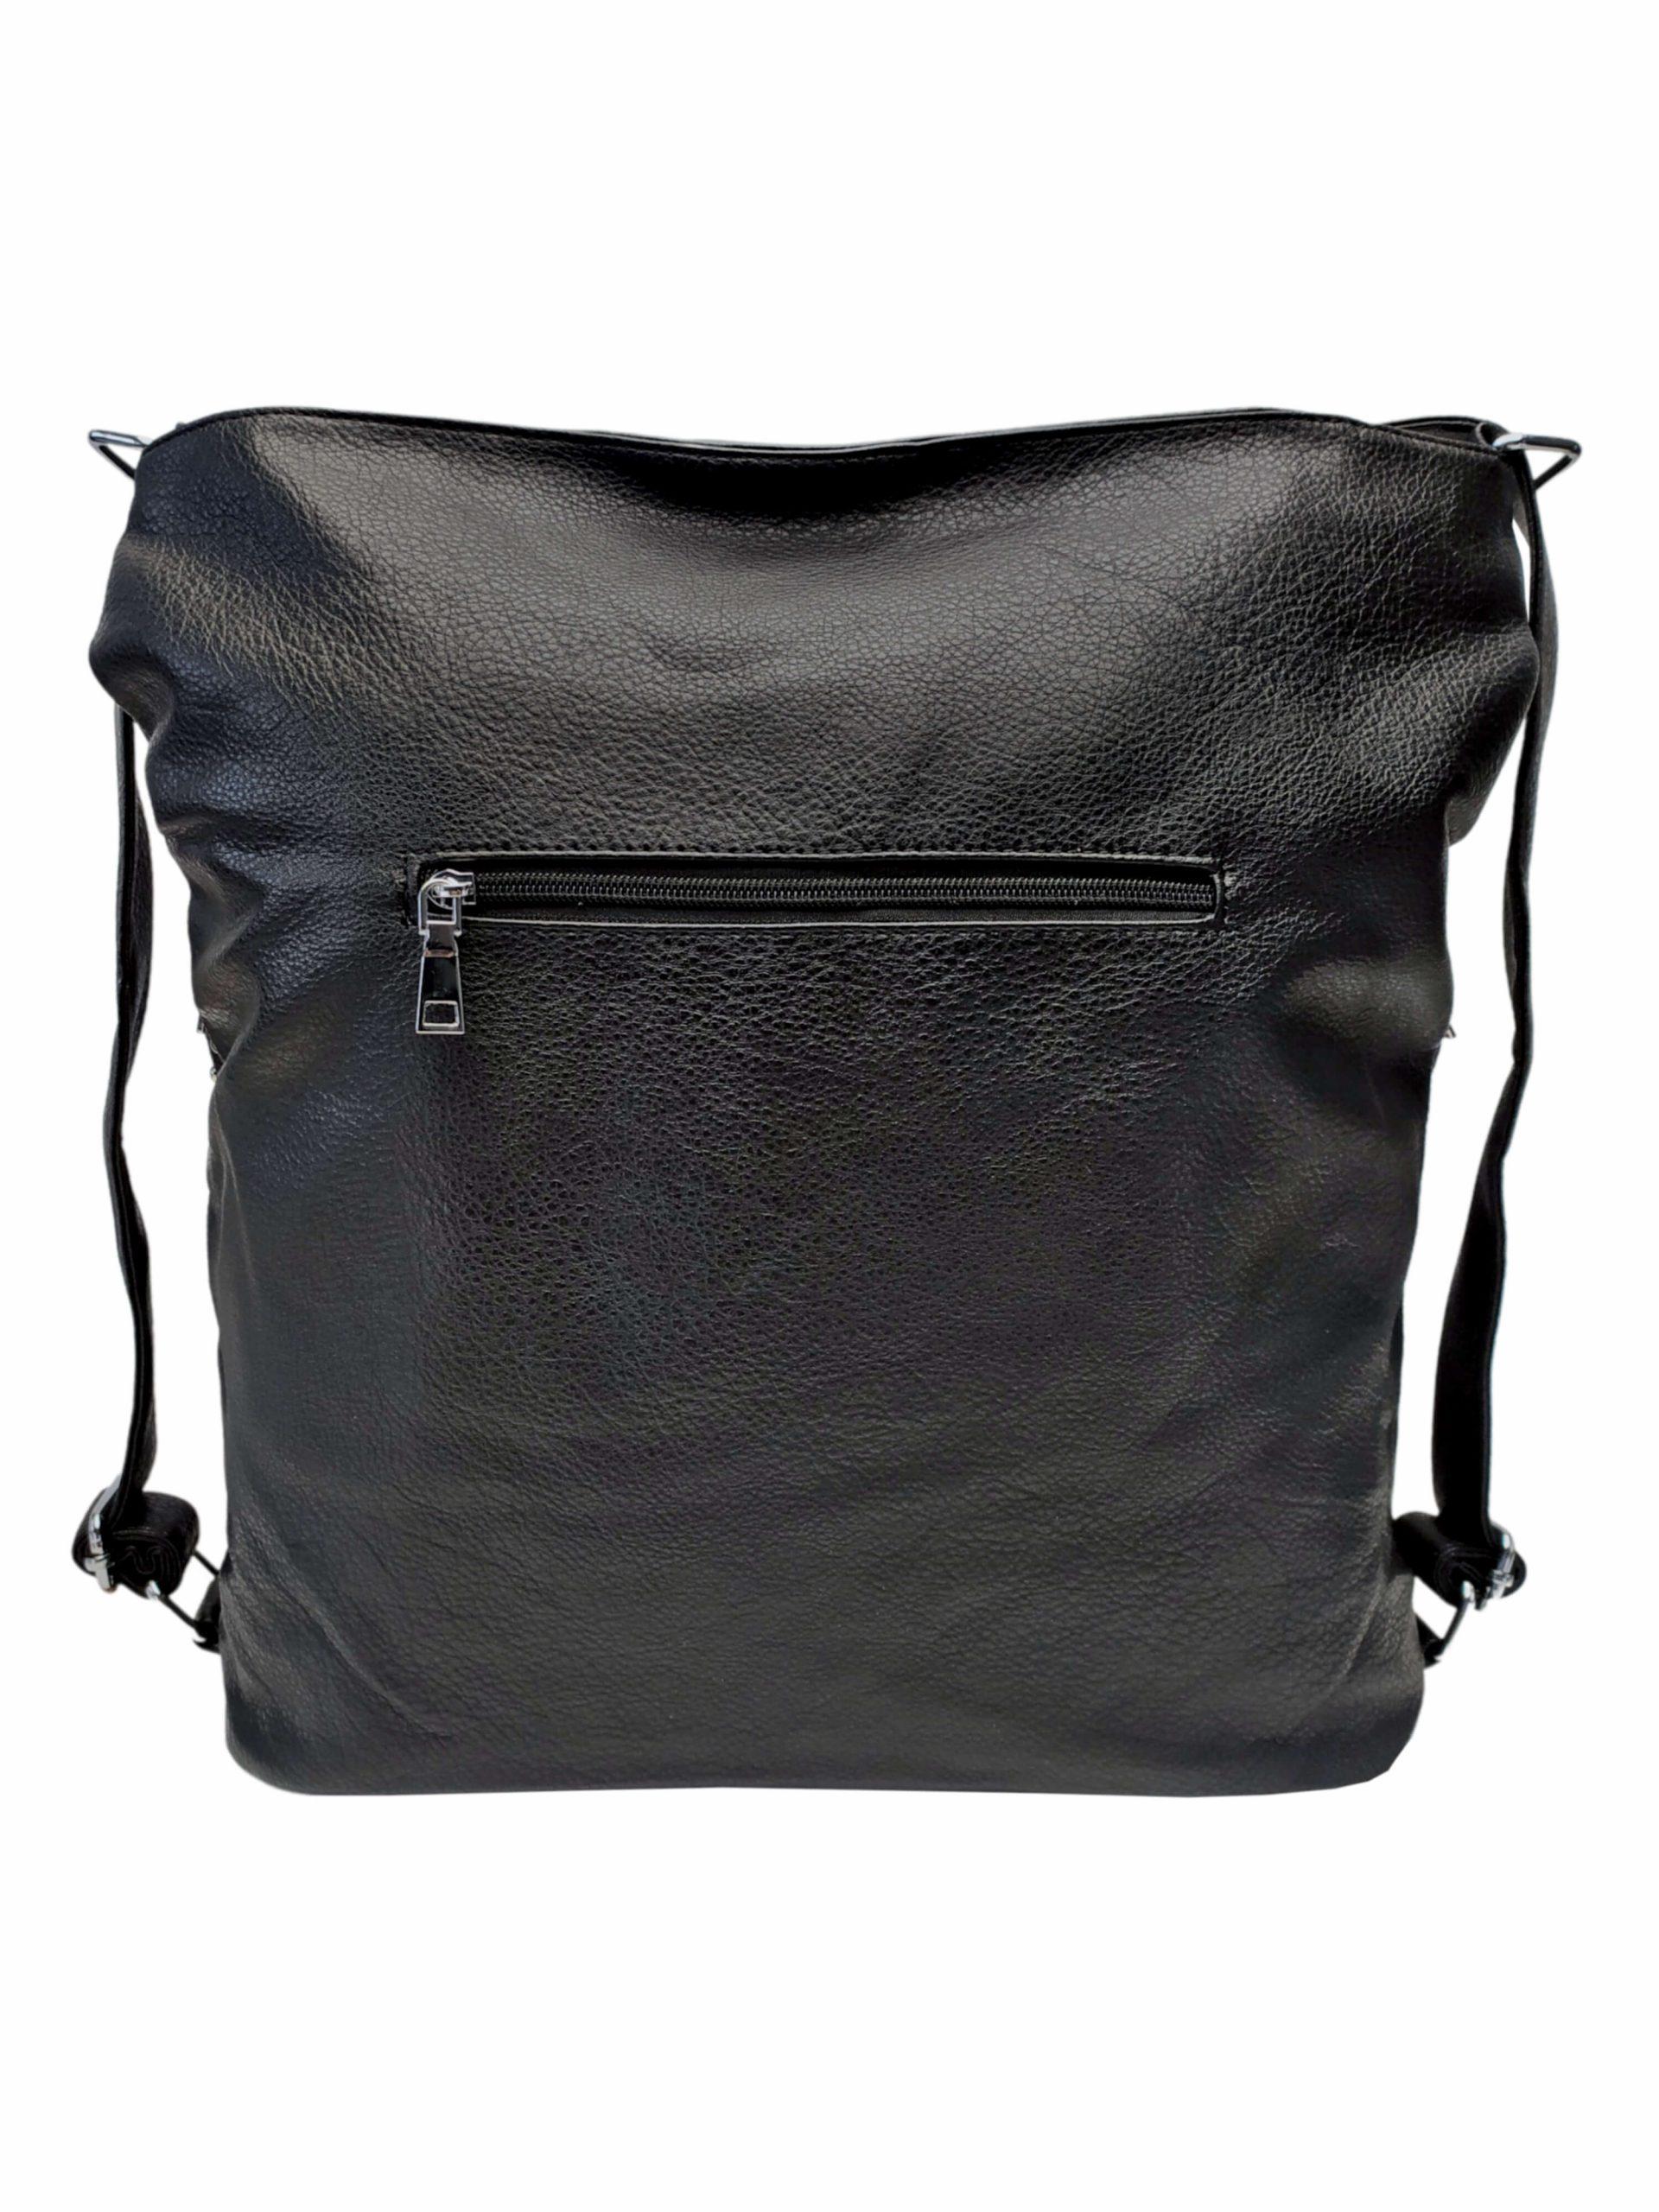 Černá kabelka a batoh v jednom se slušivými kapsami, Co & Coo Fashion, 0957, zadní strana kabelky a batohu v jednom